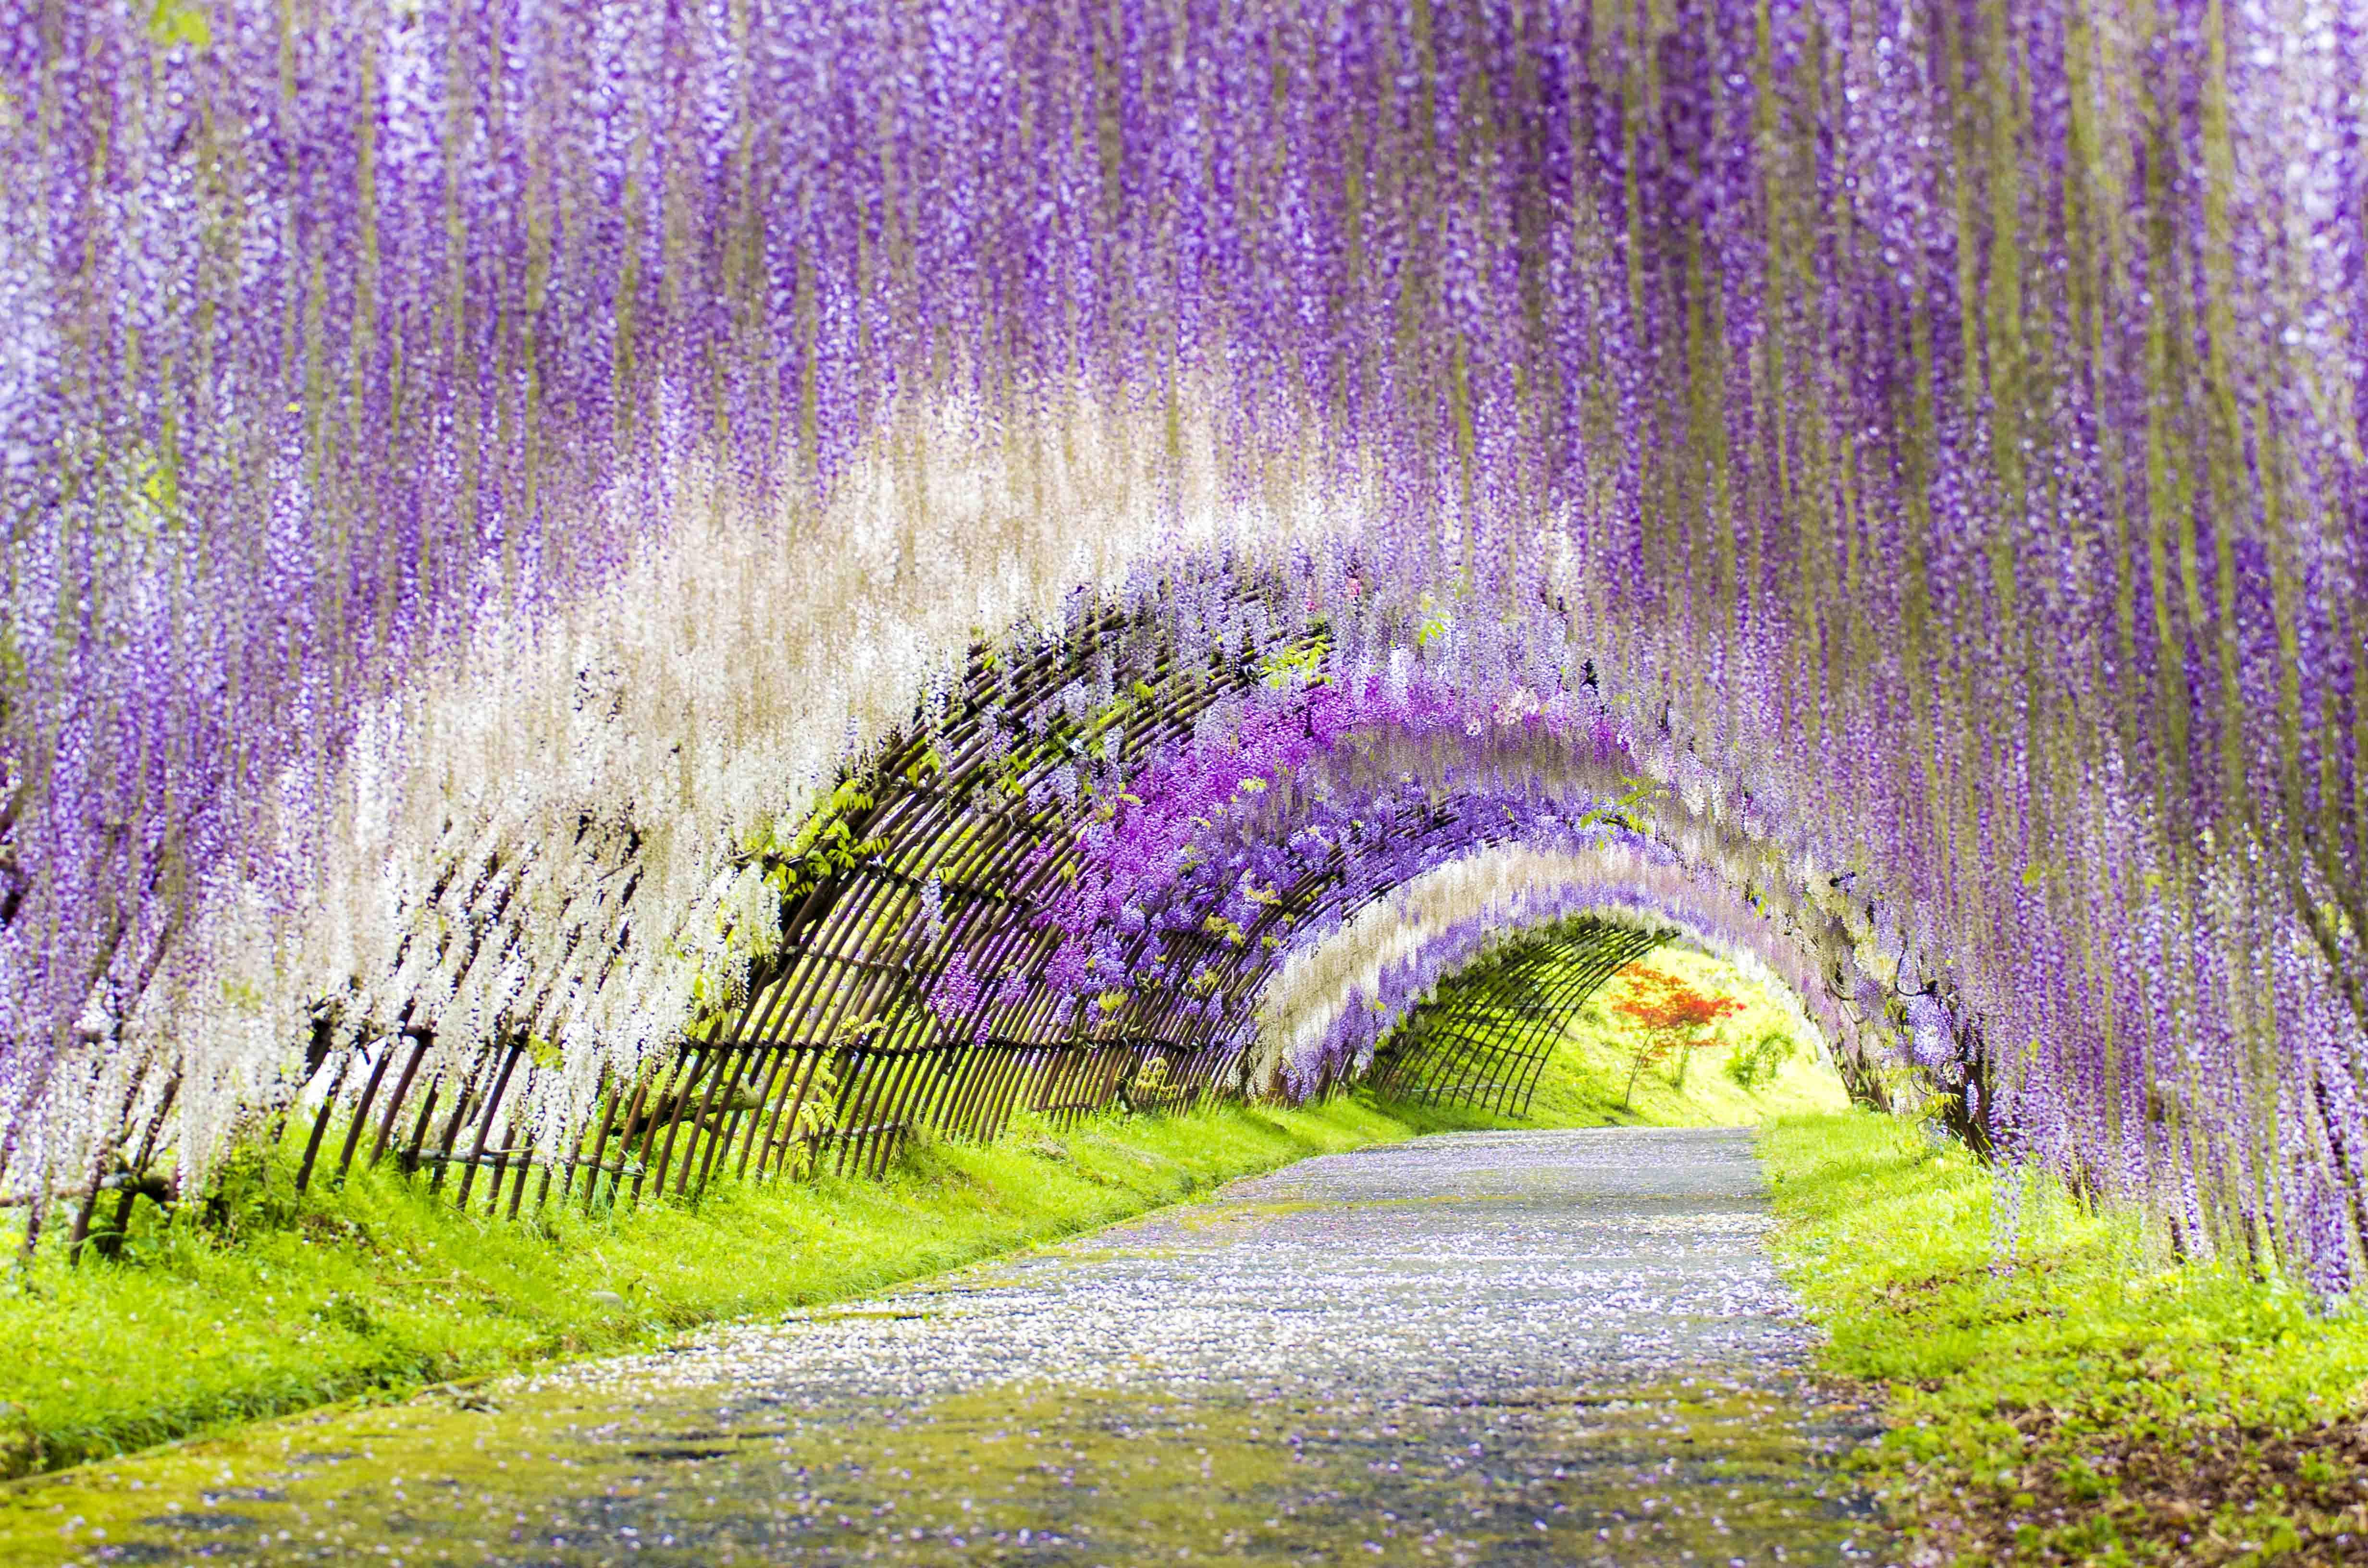 こちらも色鮮やかな藤の花のトンネル